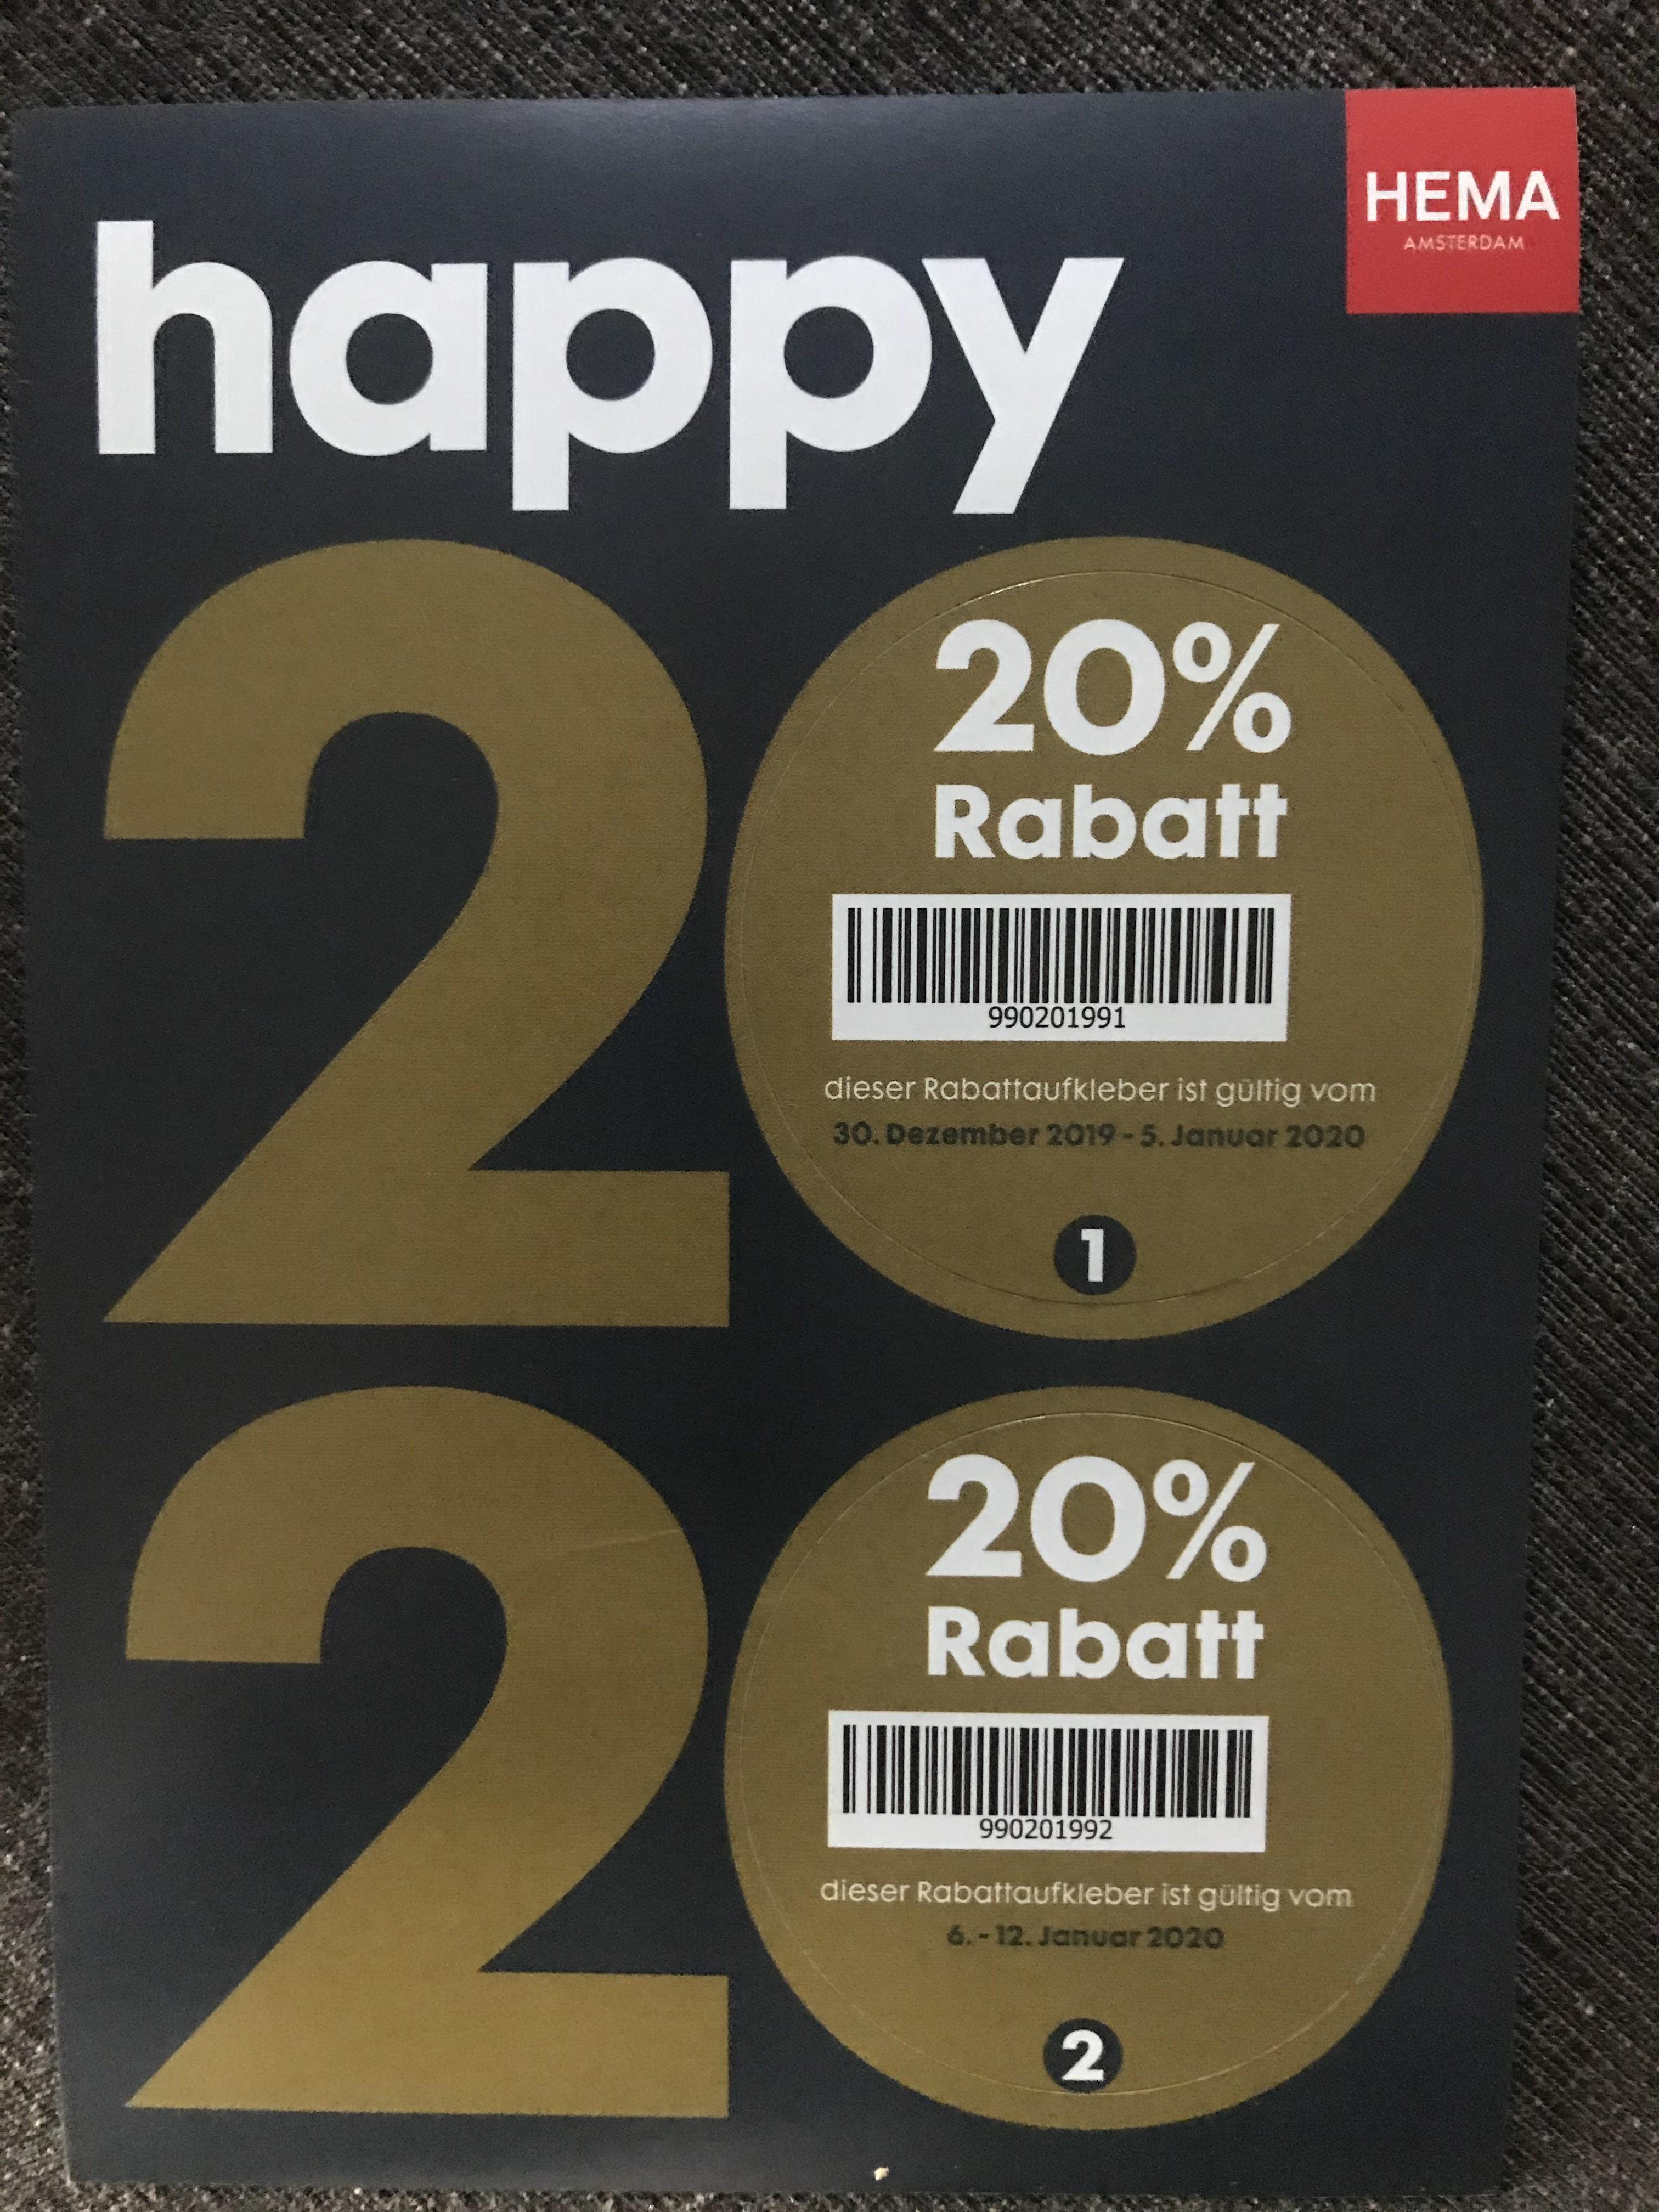 HEMA- Rabatt Code 20% Sticker